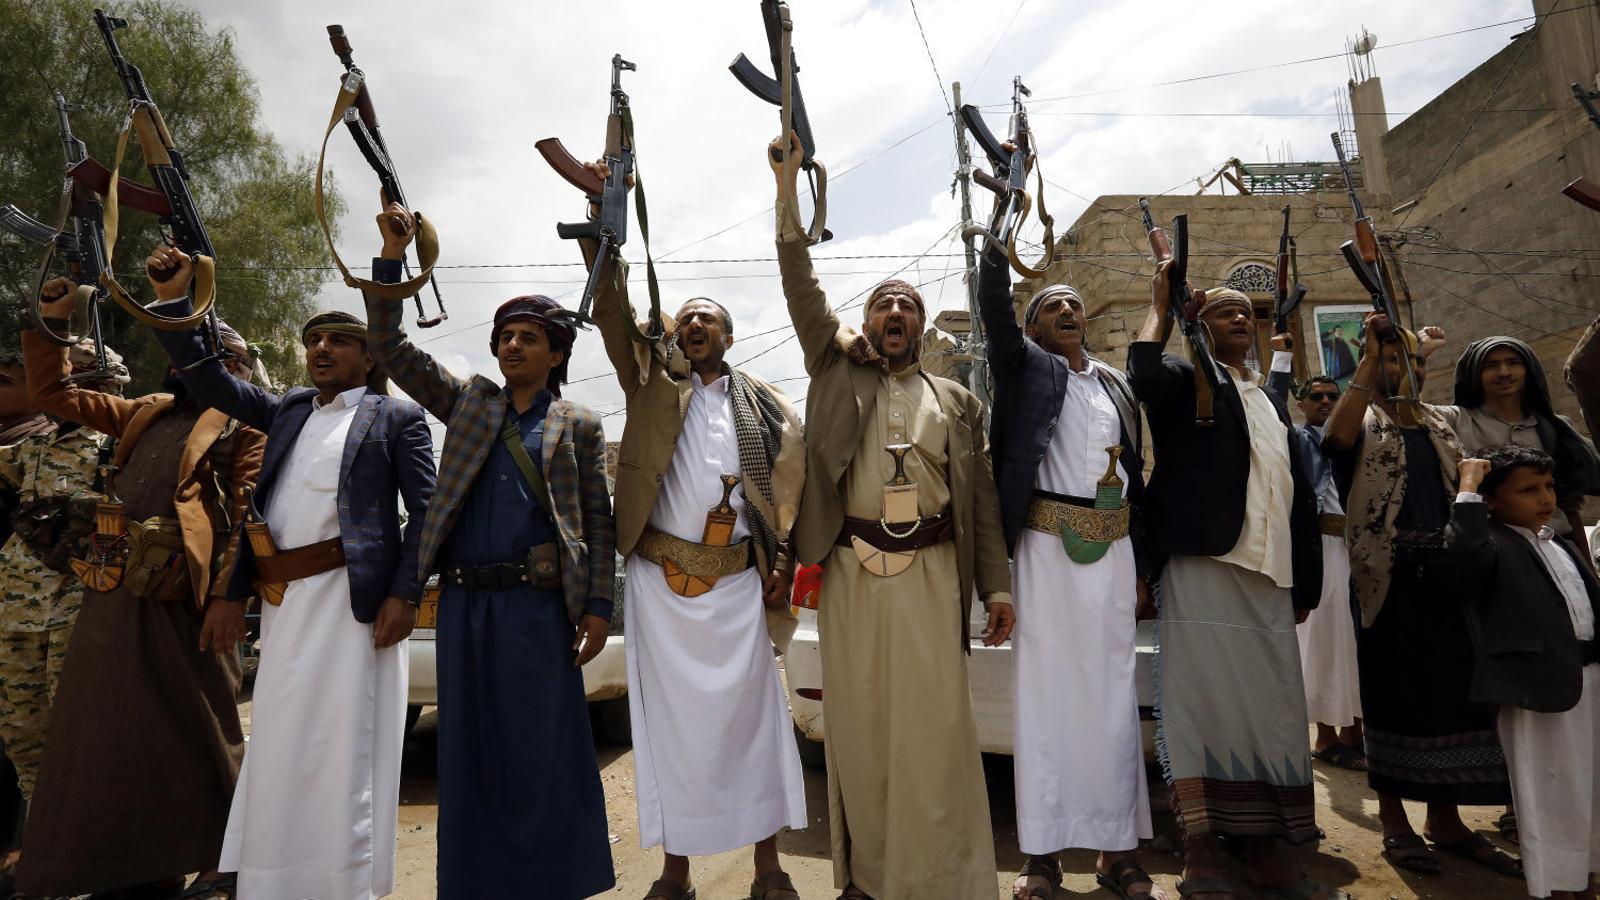 Fer negoci amb la catàstrofe del Iemen